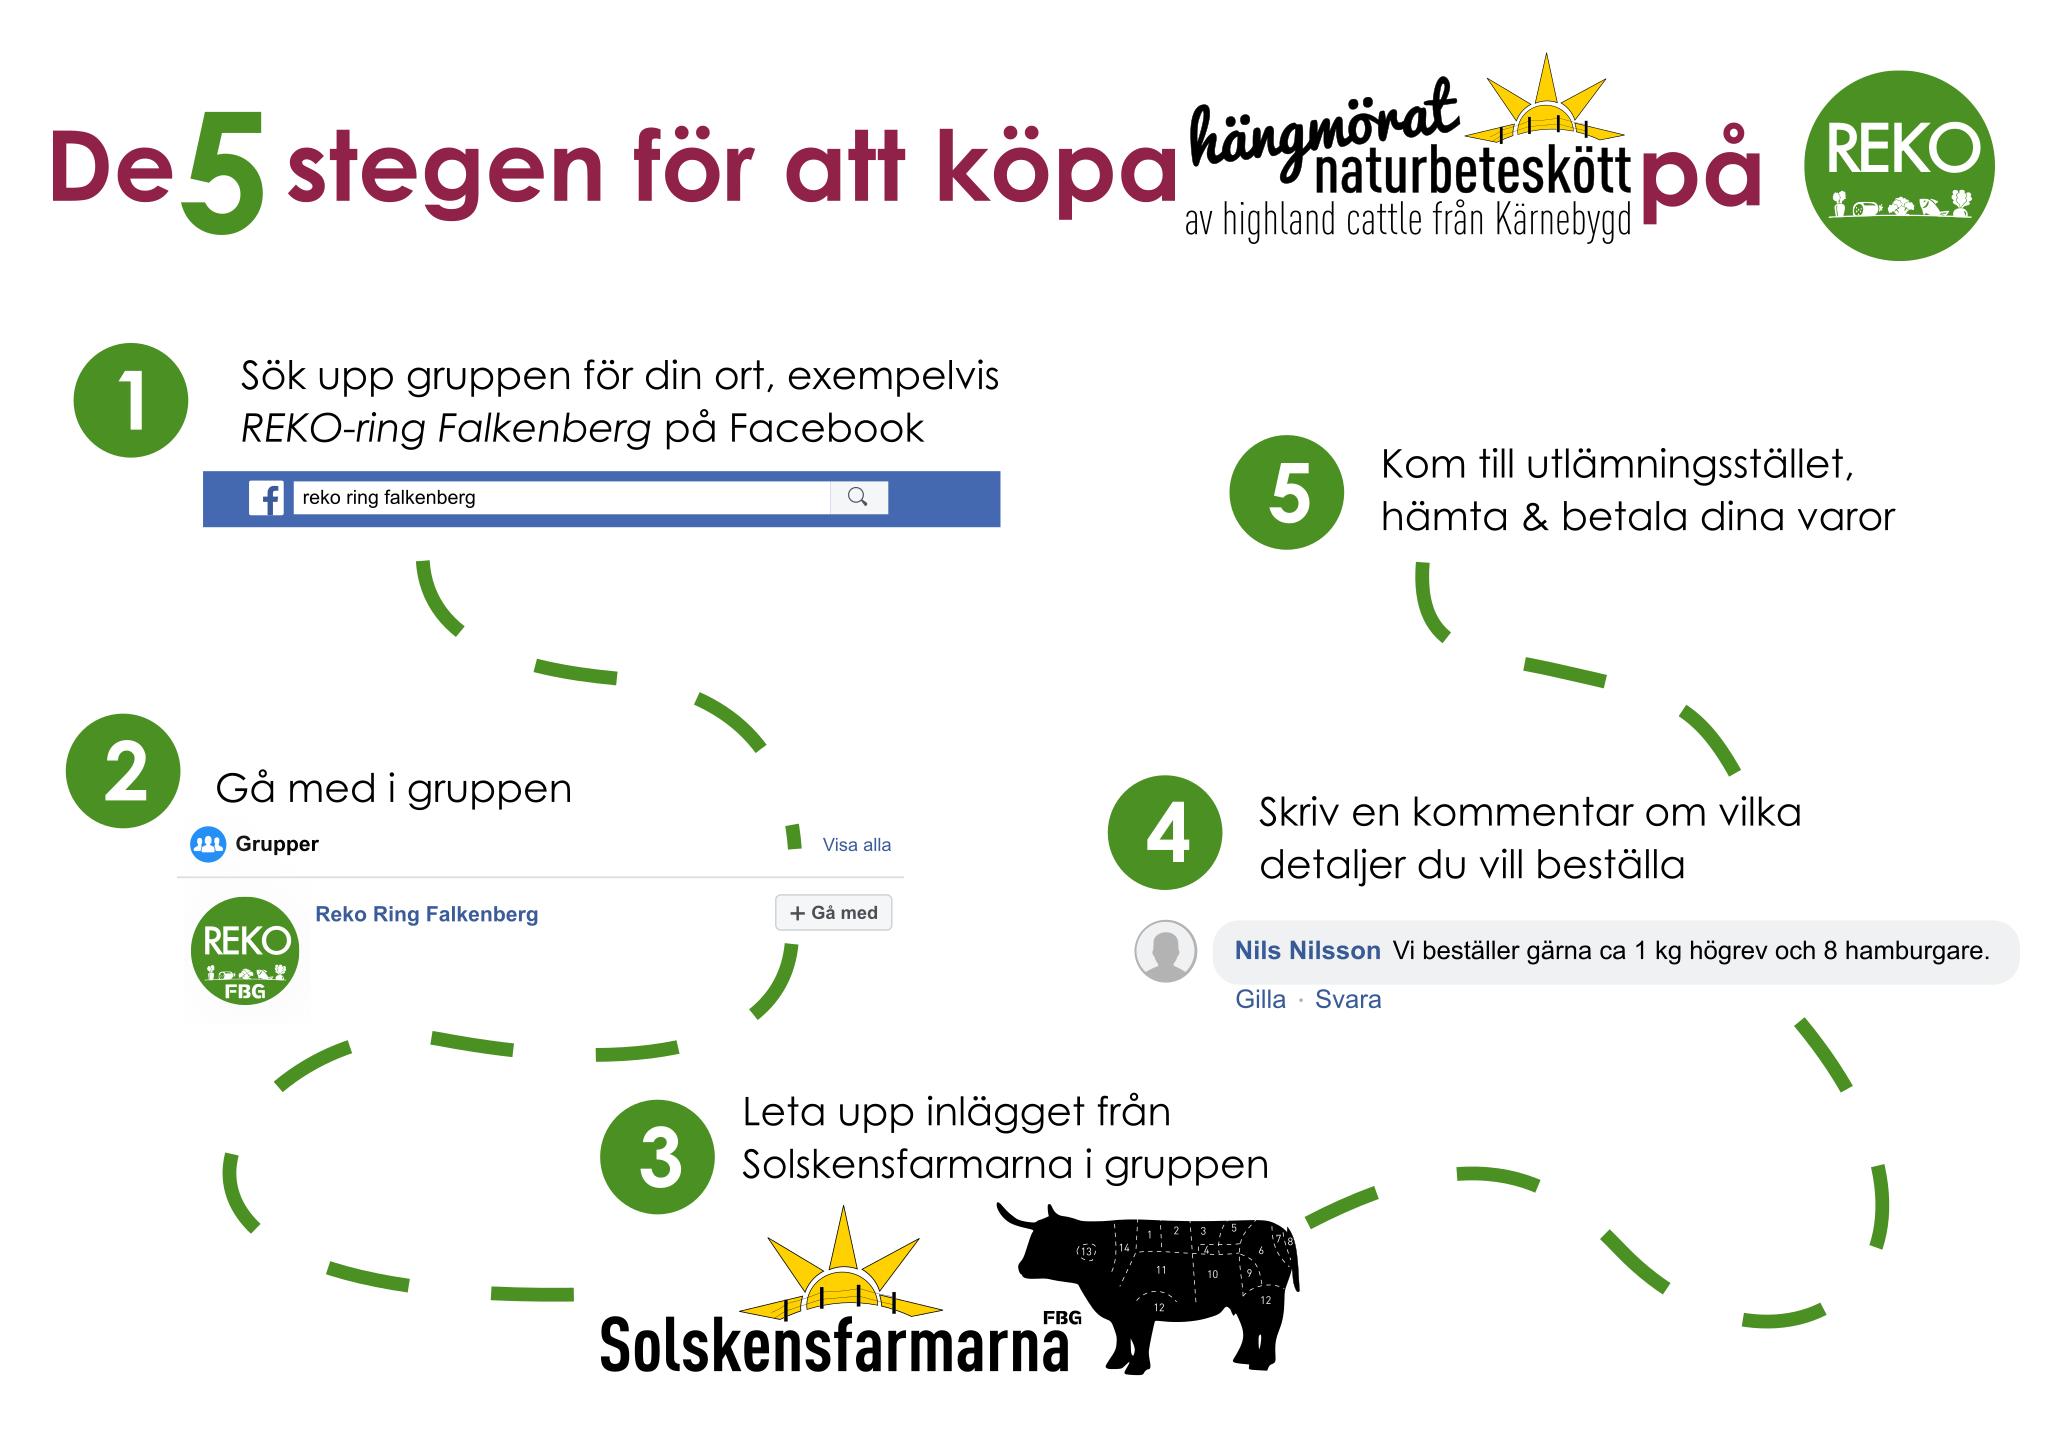 Handla hängmörat naturbeteskött från Solskenafarmana på REKO-ring